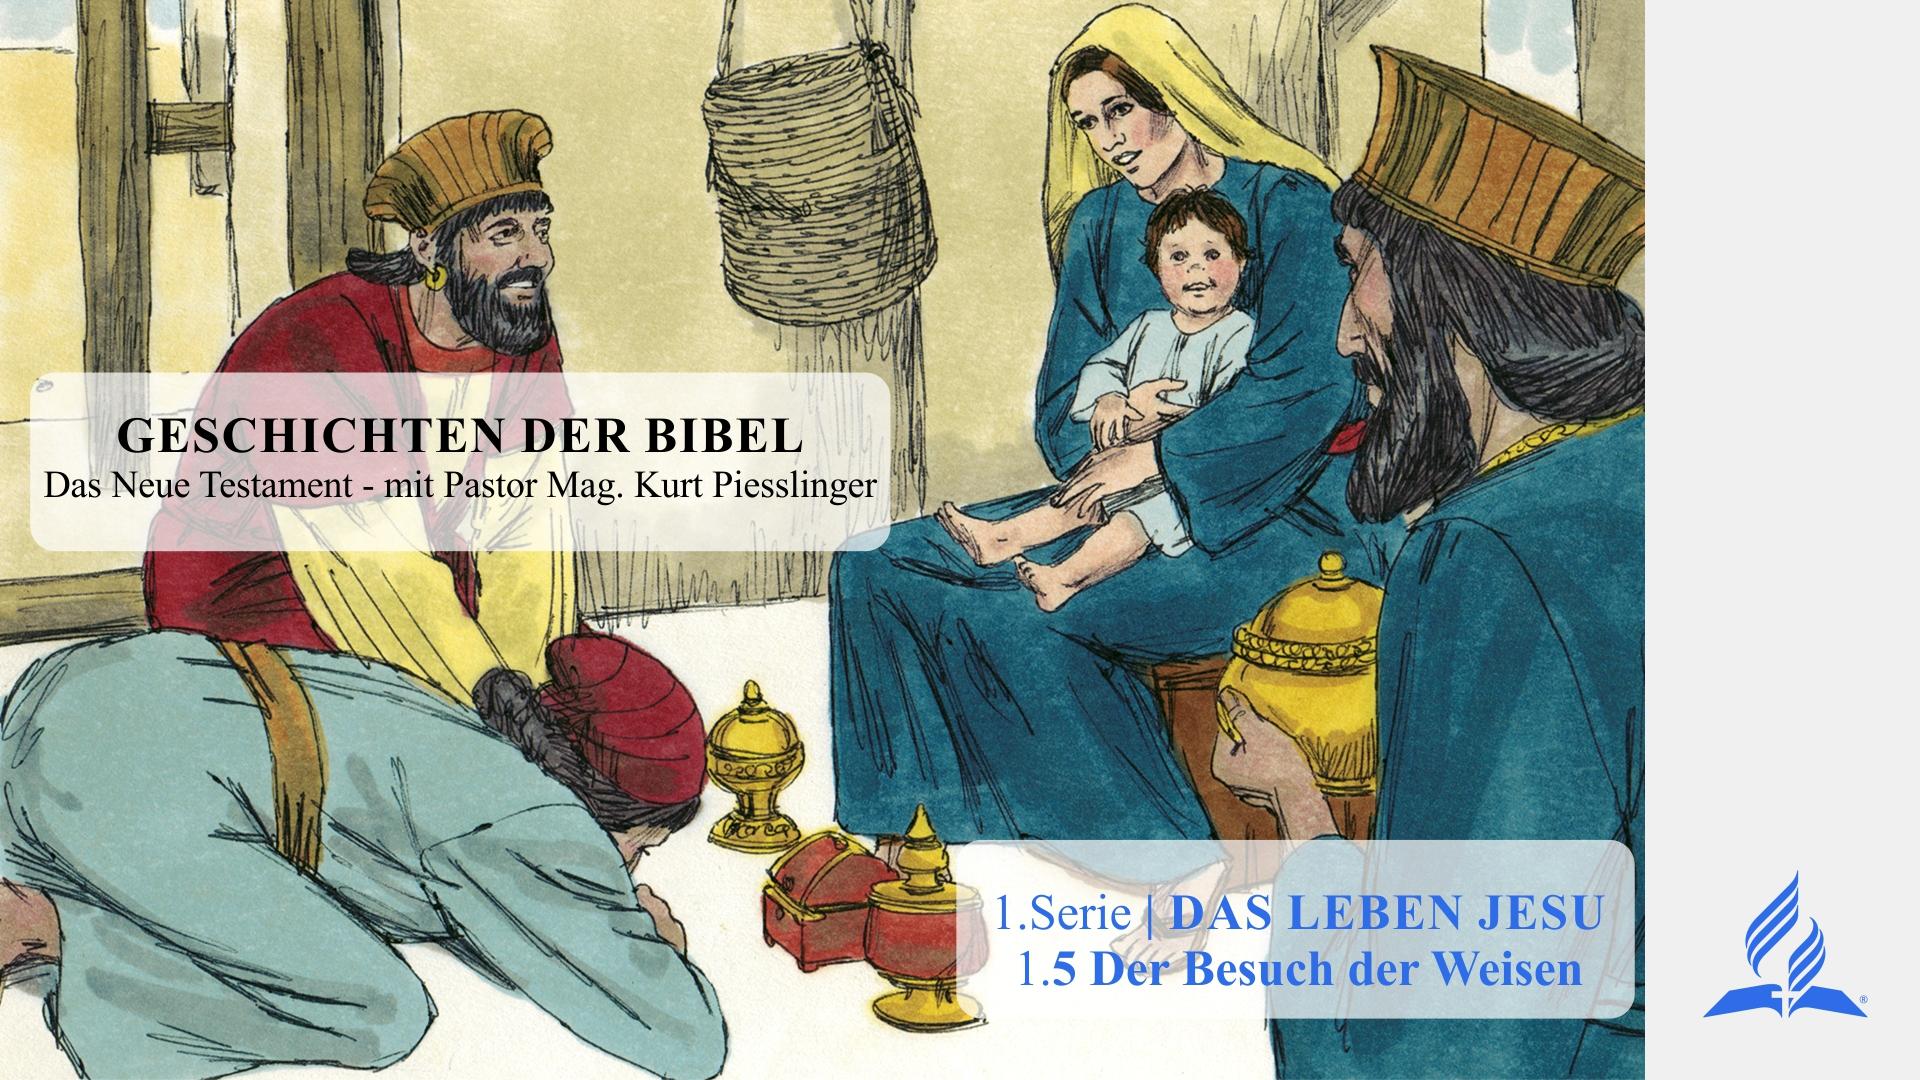 GESCHICHTEN DER BIBEL: 1.5 Der Besuch der Weisen – 1.DAS LEBEN JESU | Pastor Mag. Kurt Piesslinger